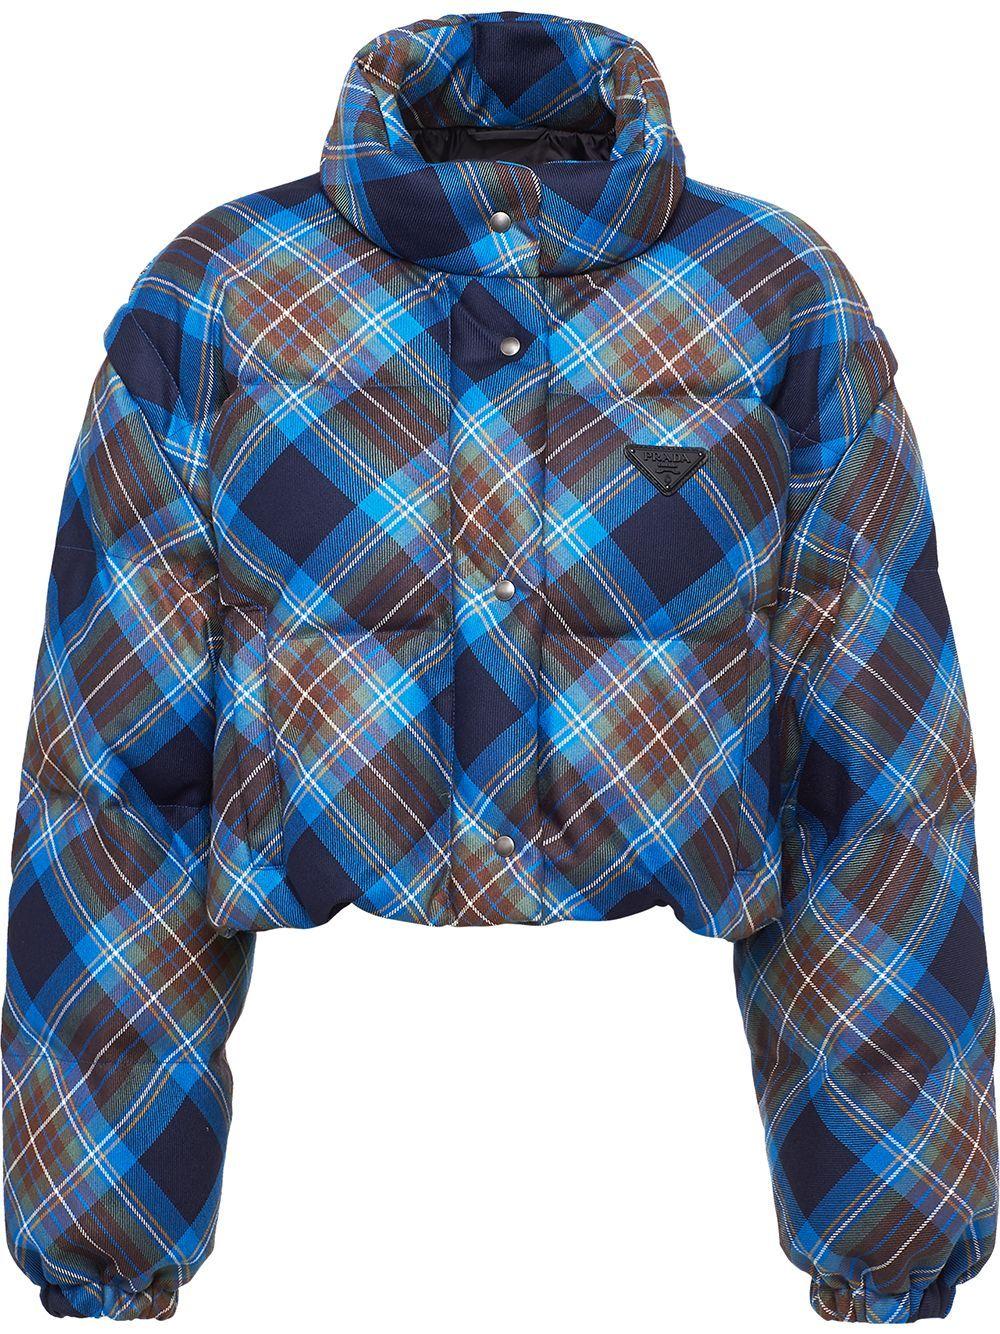 Prada Plaid Print Puffer Jacket Farfetch In 2021 Puffer Jackets Jackets Prada [ 1334 x 1000 Pixel ]